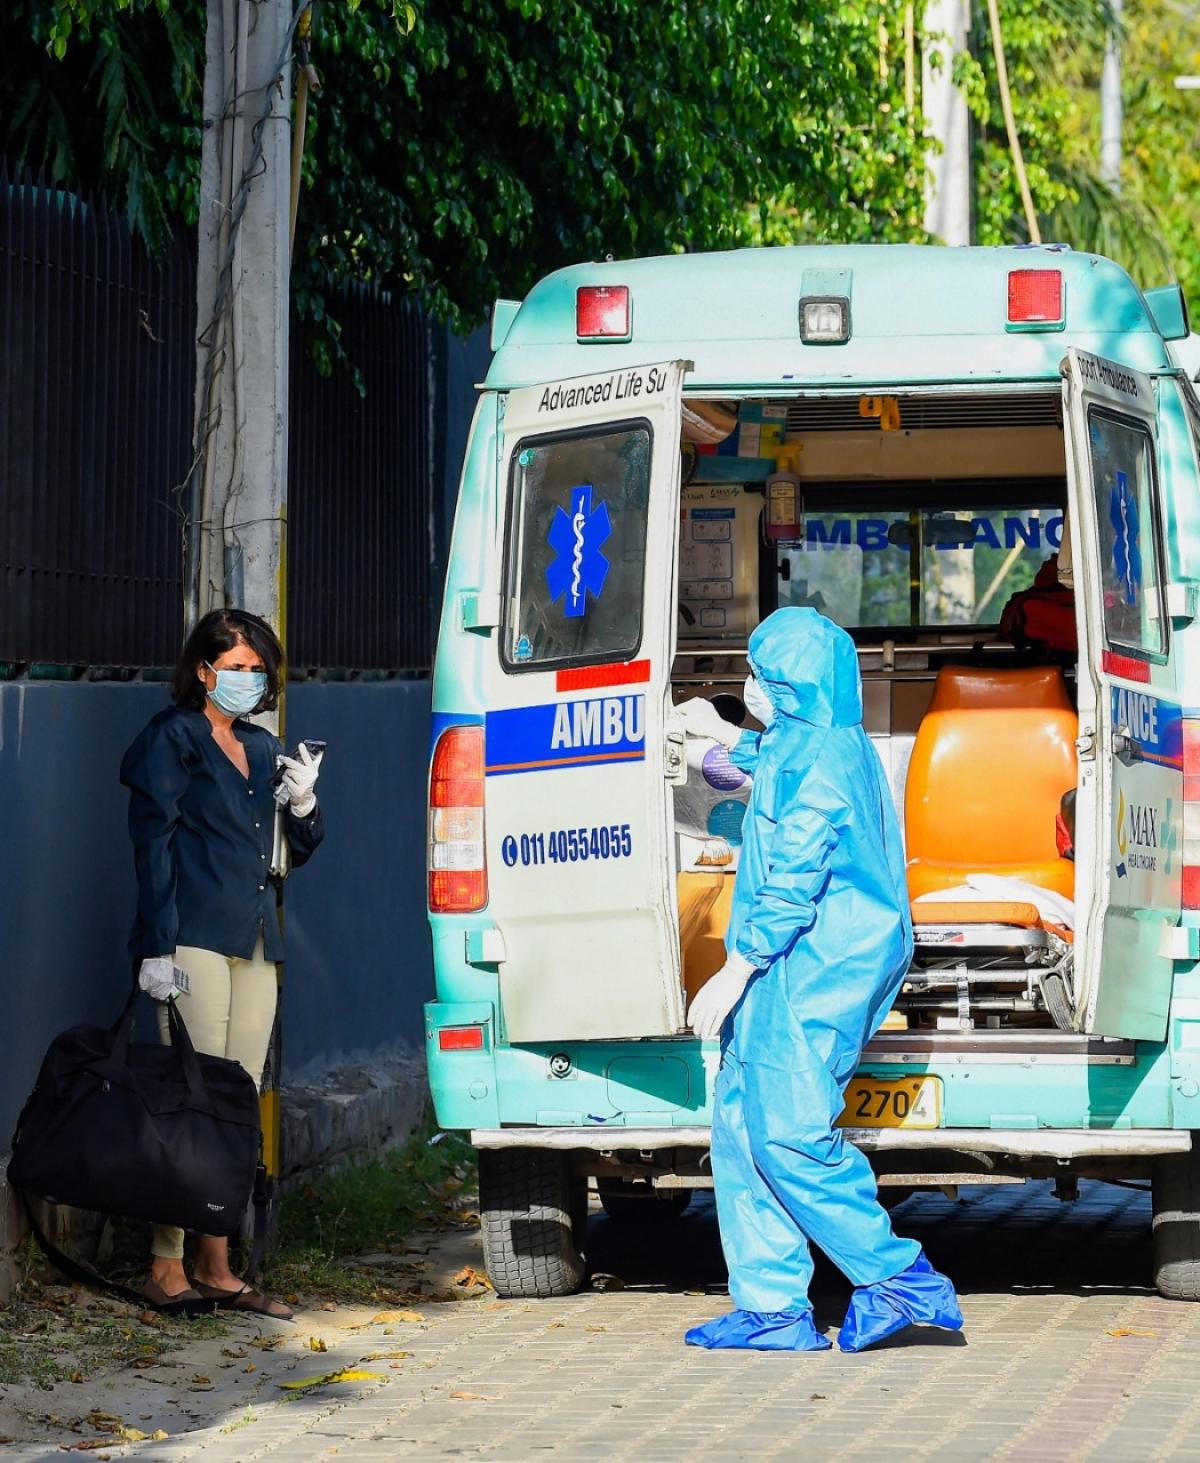 Coronavirus News Live Update : देशभर में मौत का आंकड़ा 120 के पार, अमेरिका में पिछले 24 घंटे में रिकॉर्ड 2000 लोग मरे